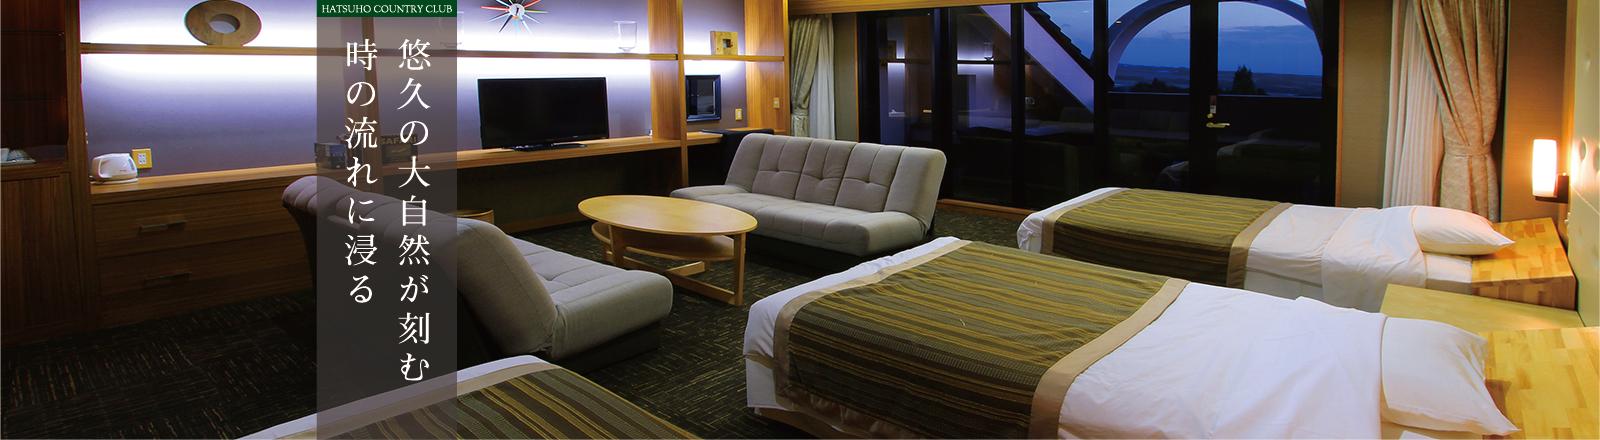 白沢高原ホテル|悠久の大自然が刻む時の流れに浸る